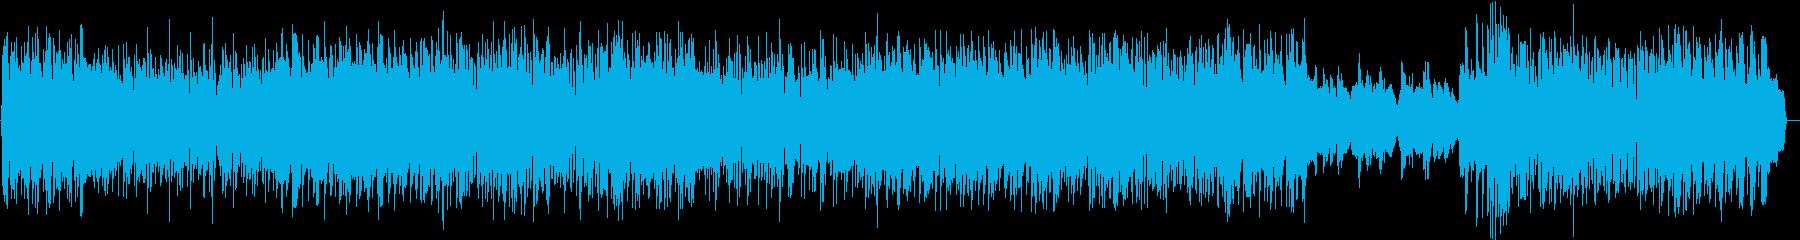 電波系アイドルポップ オタク向けアニソンの再生済みの波形